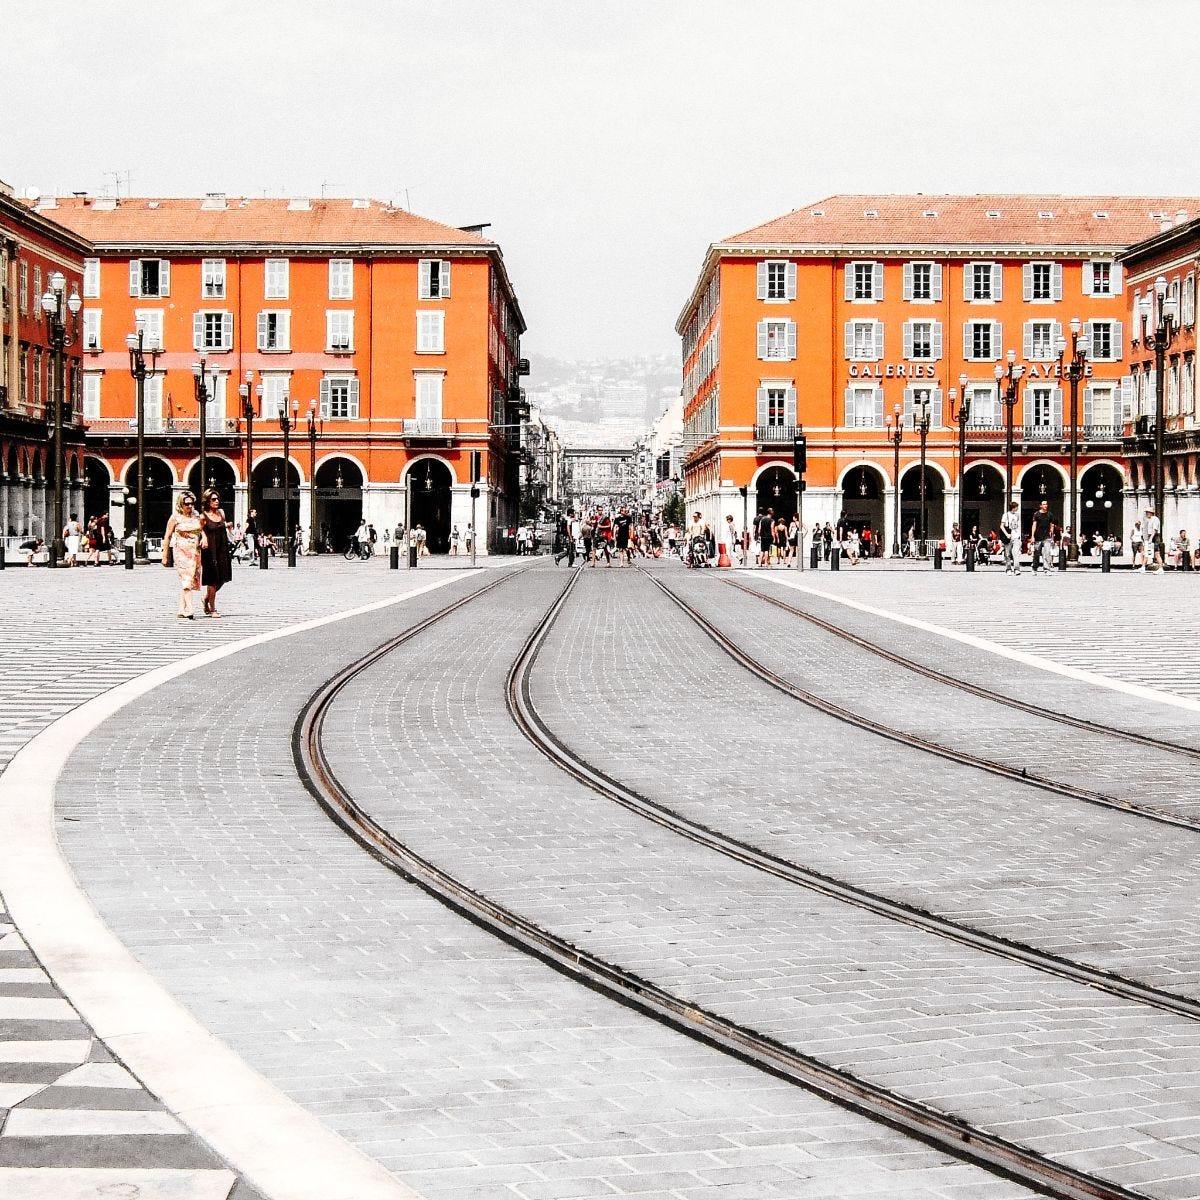 Winter Road Trips in Europe